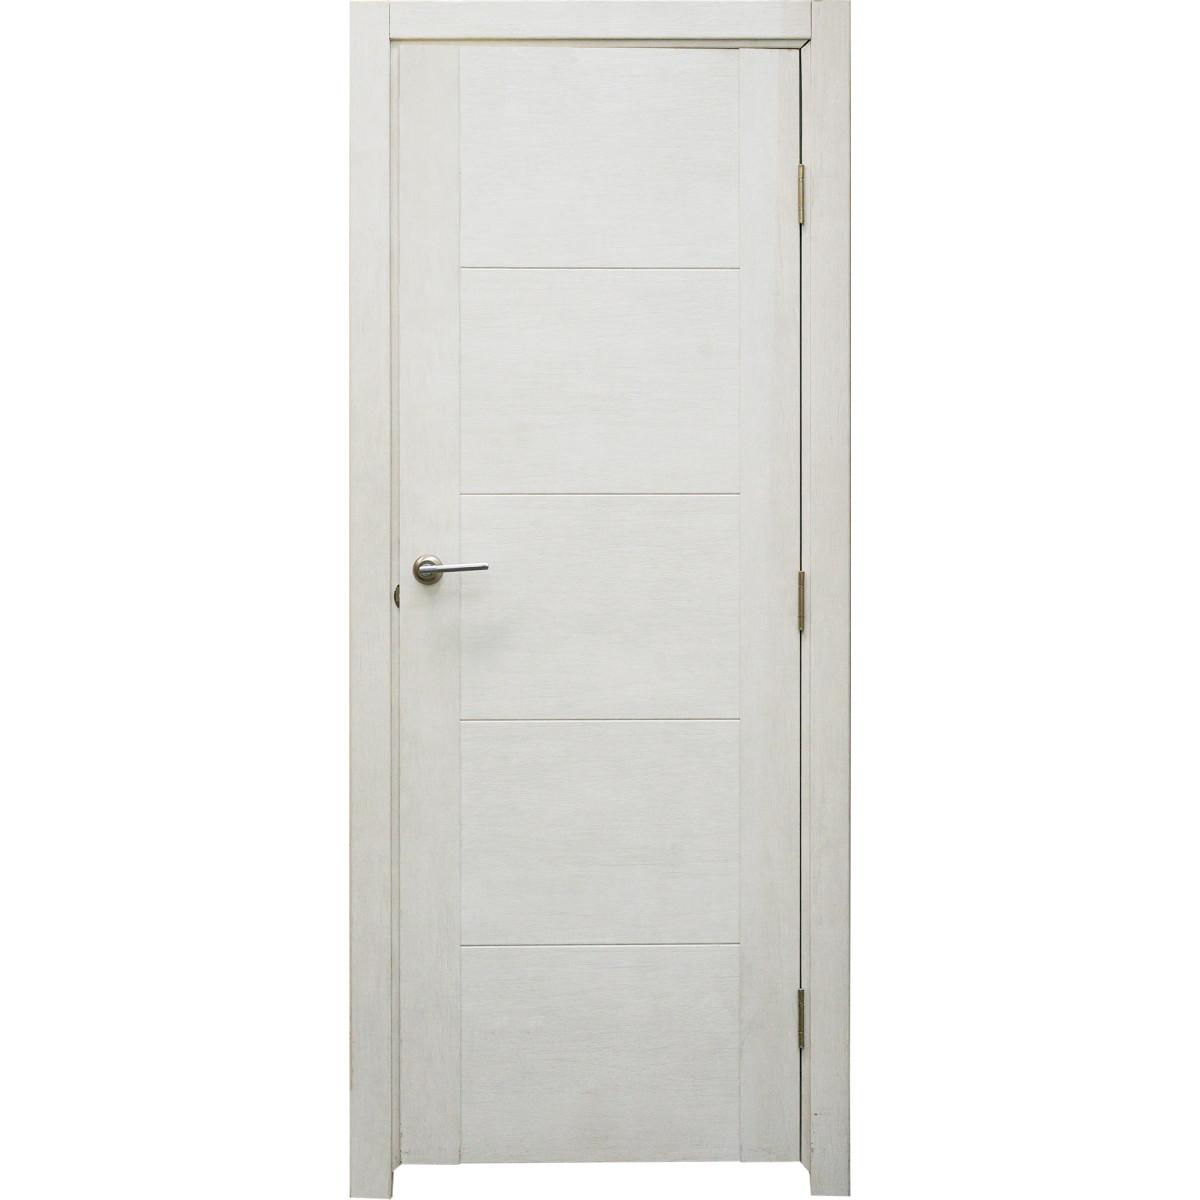 Дверь межкомнатная глухая Техно 70x200 см цвет дуб светло-серый